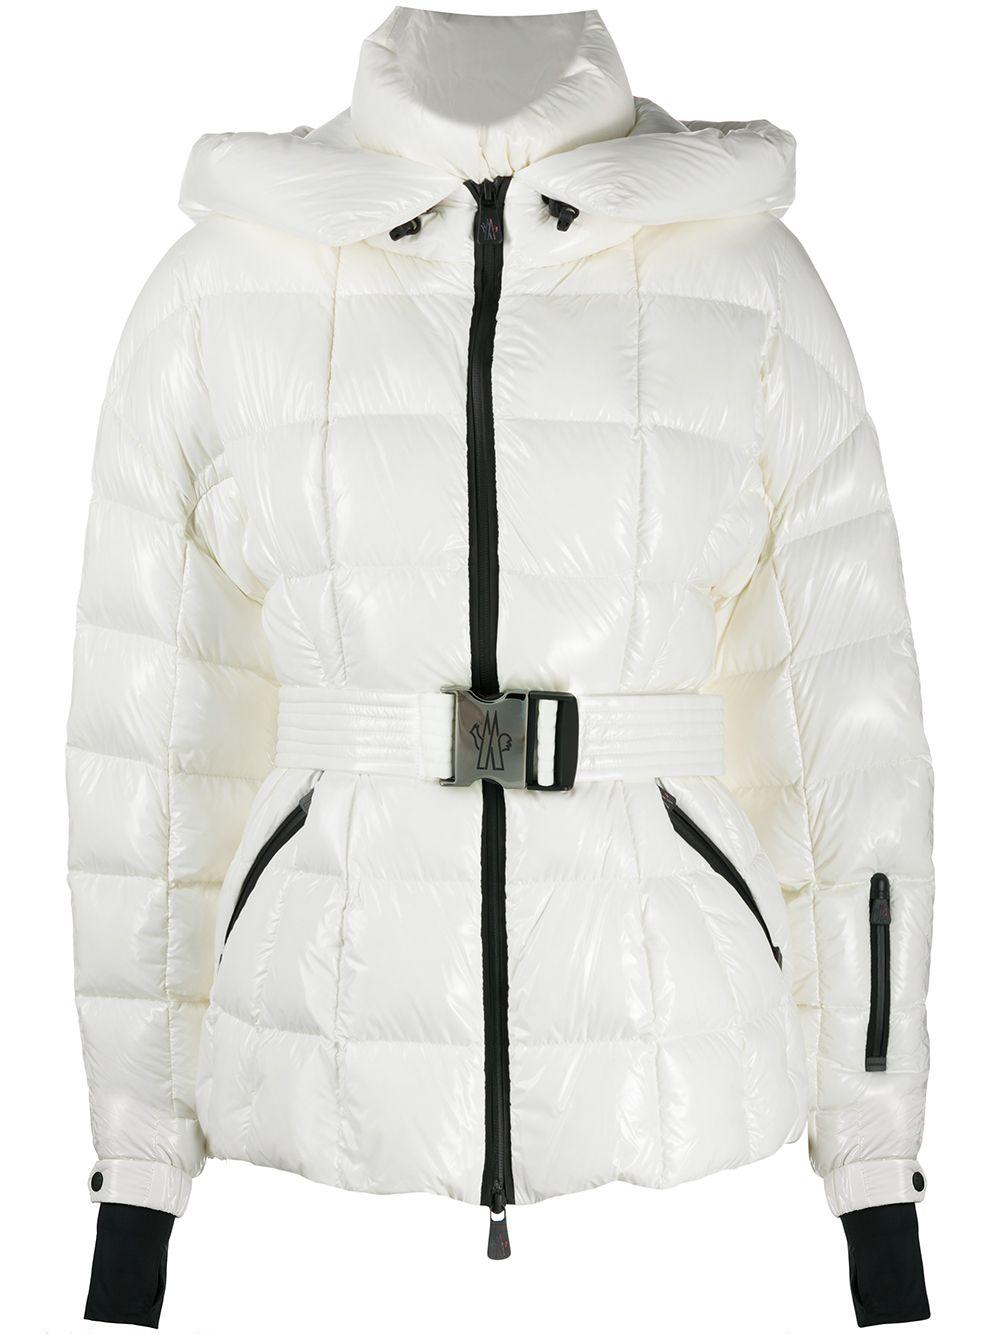 Salle Down Coat